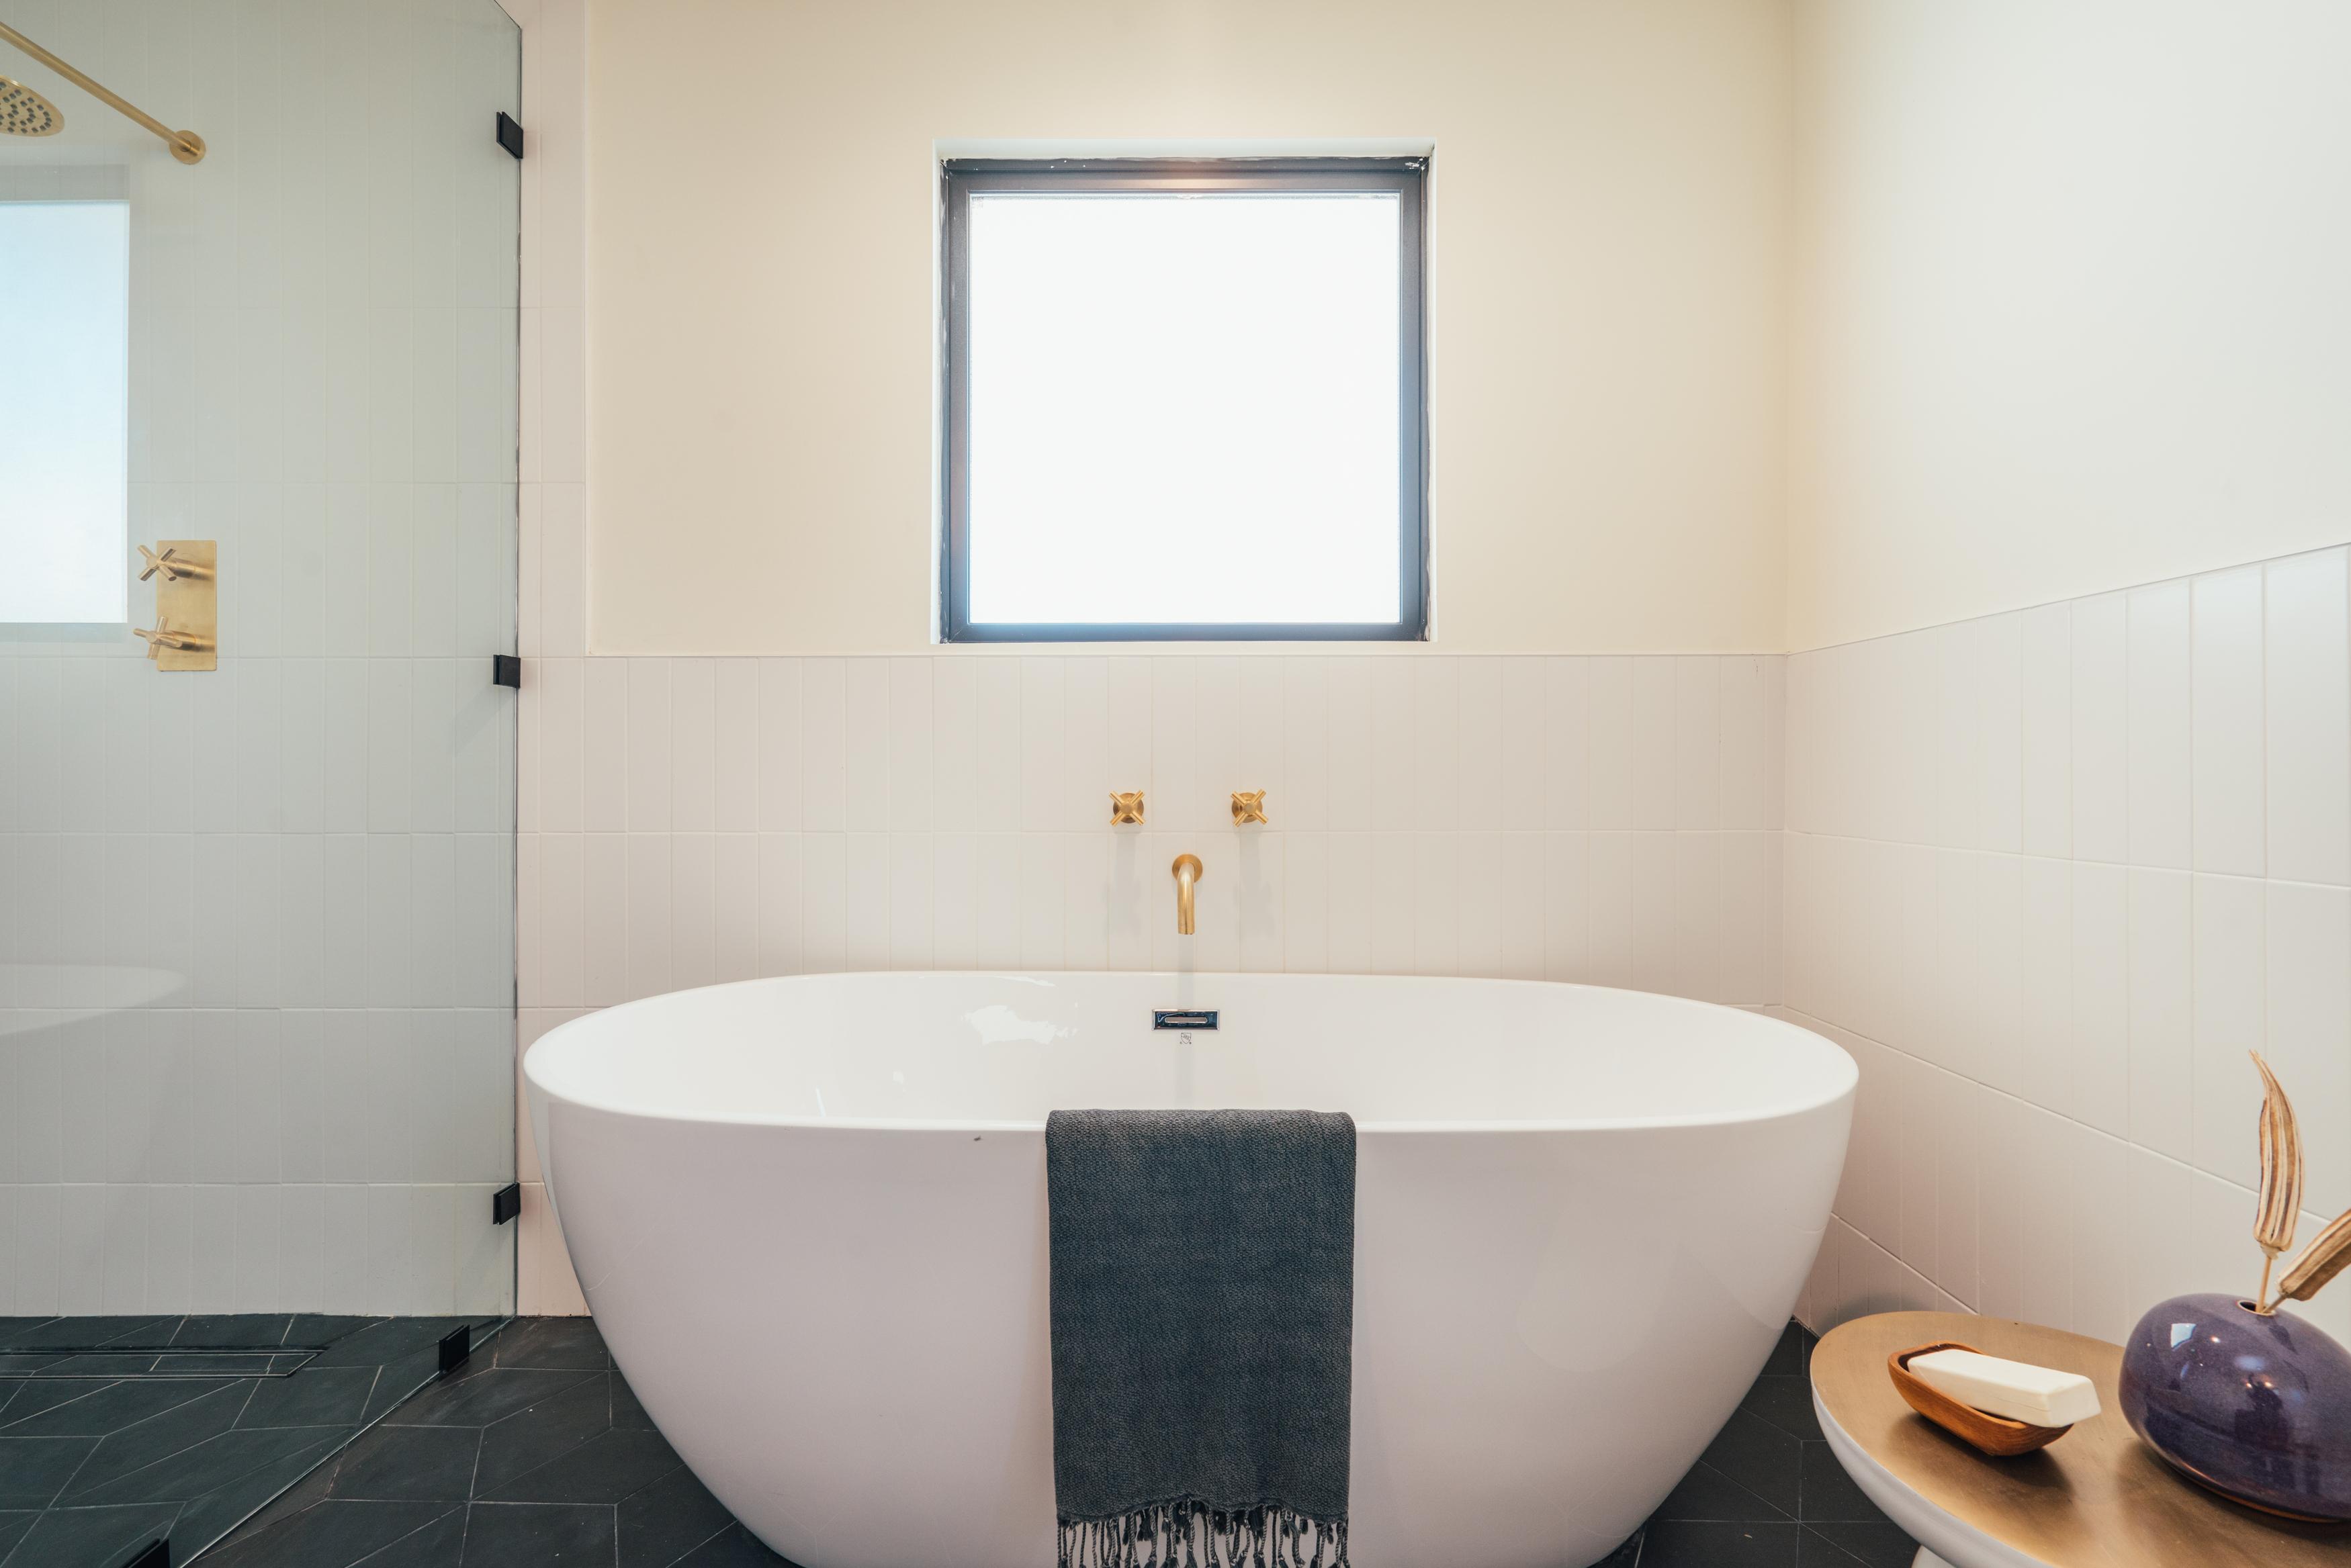 freestanding tub installation a diy